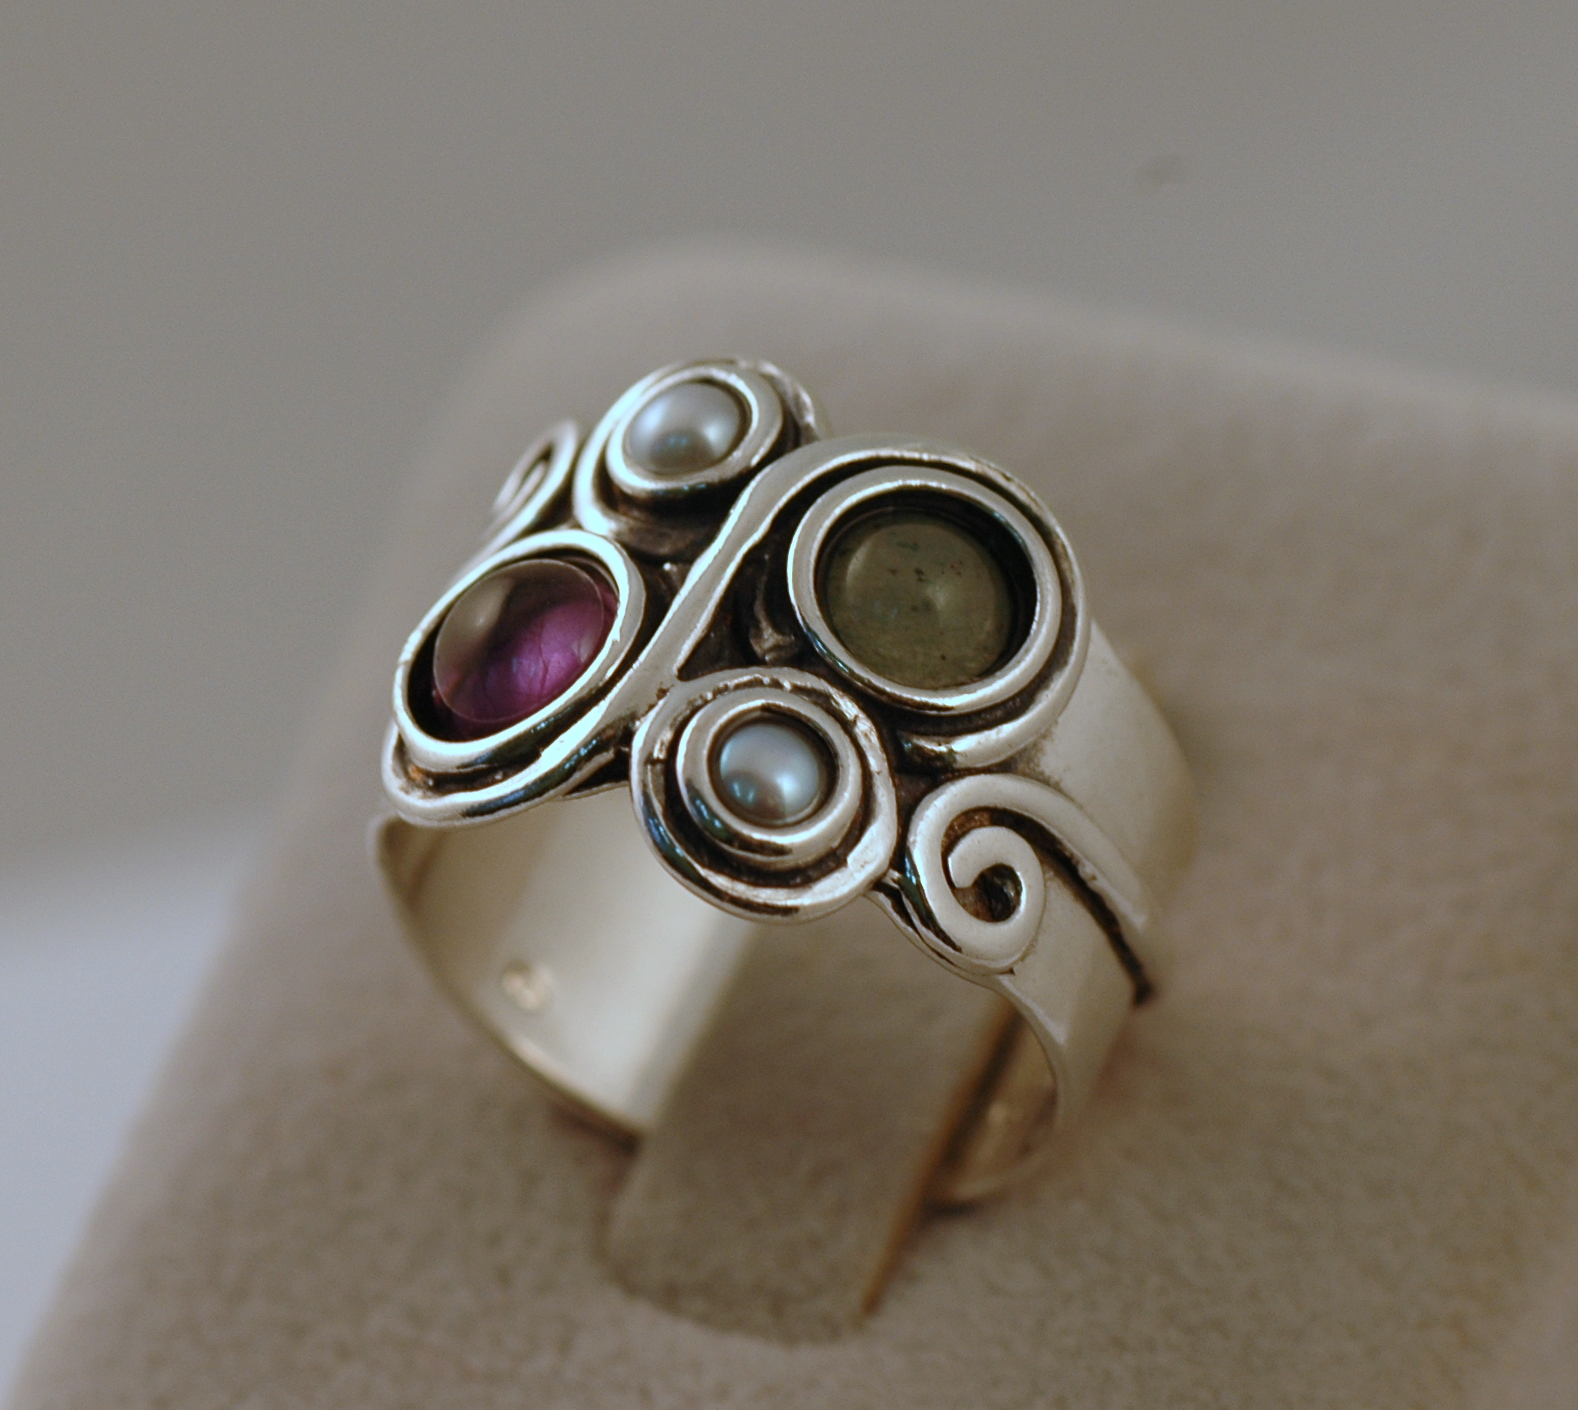 Prsteny z Izraele